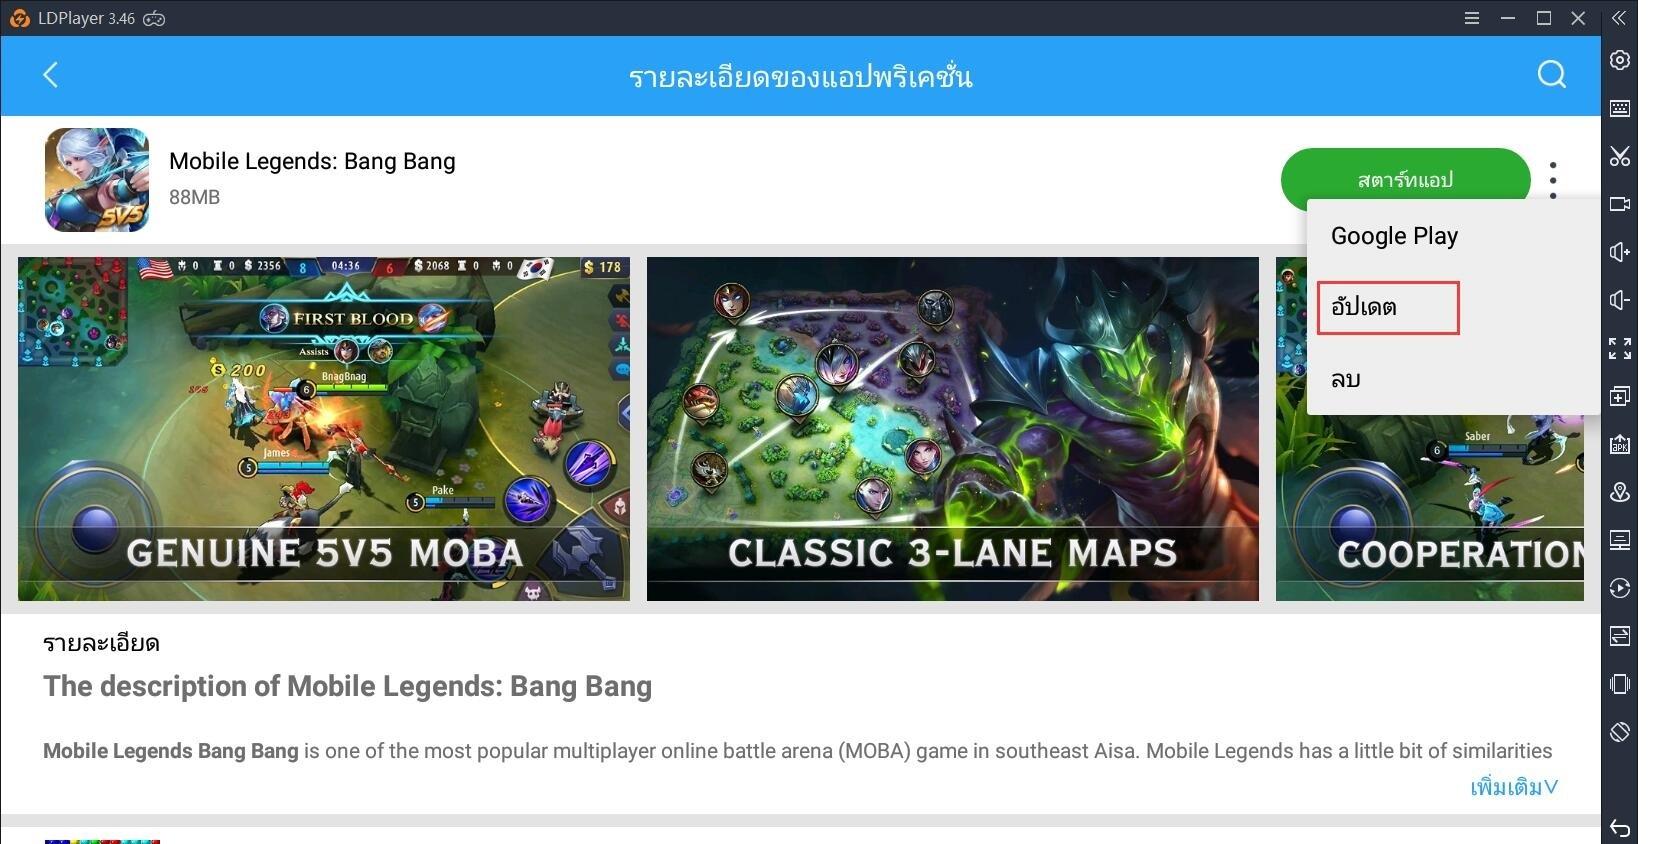 เข้าไปเกม Mobile Legends: Bang Bang ไม่ได้ ?  ทำอย่างไรดี???